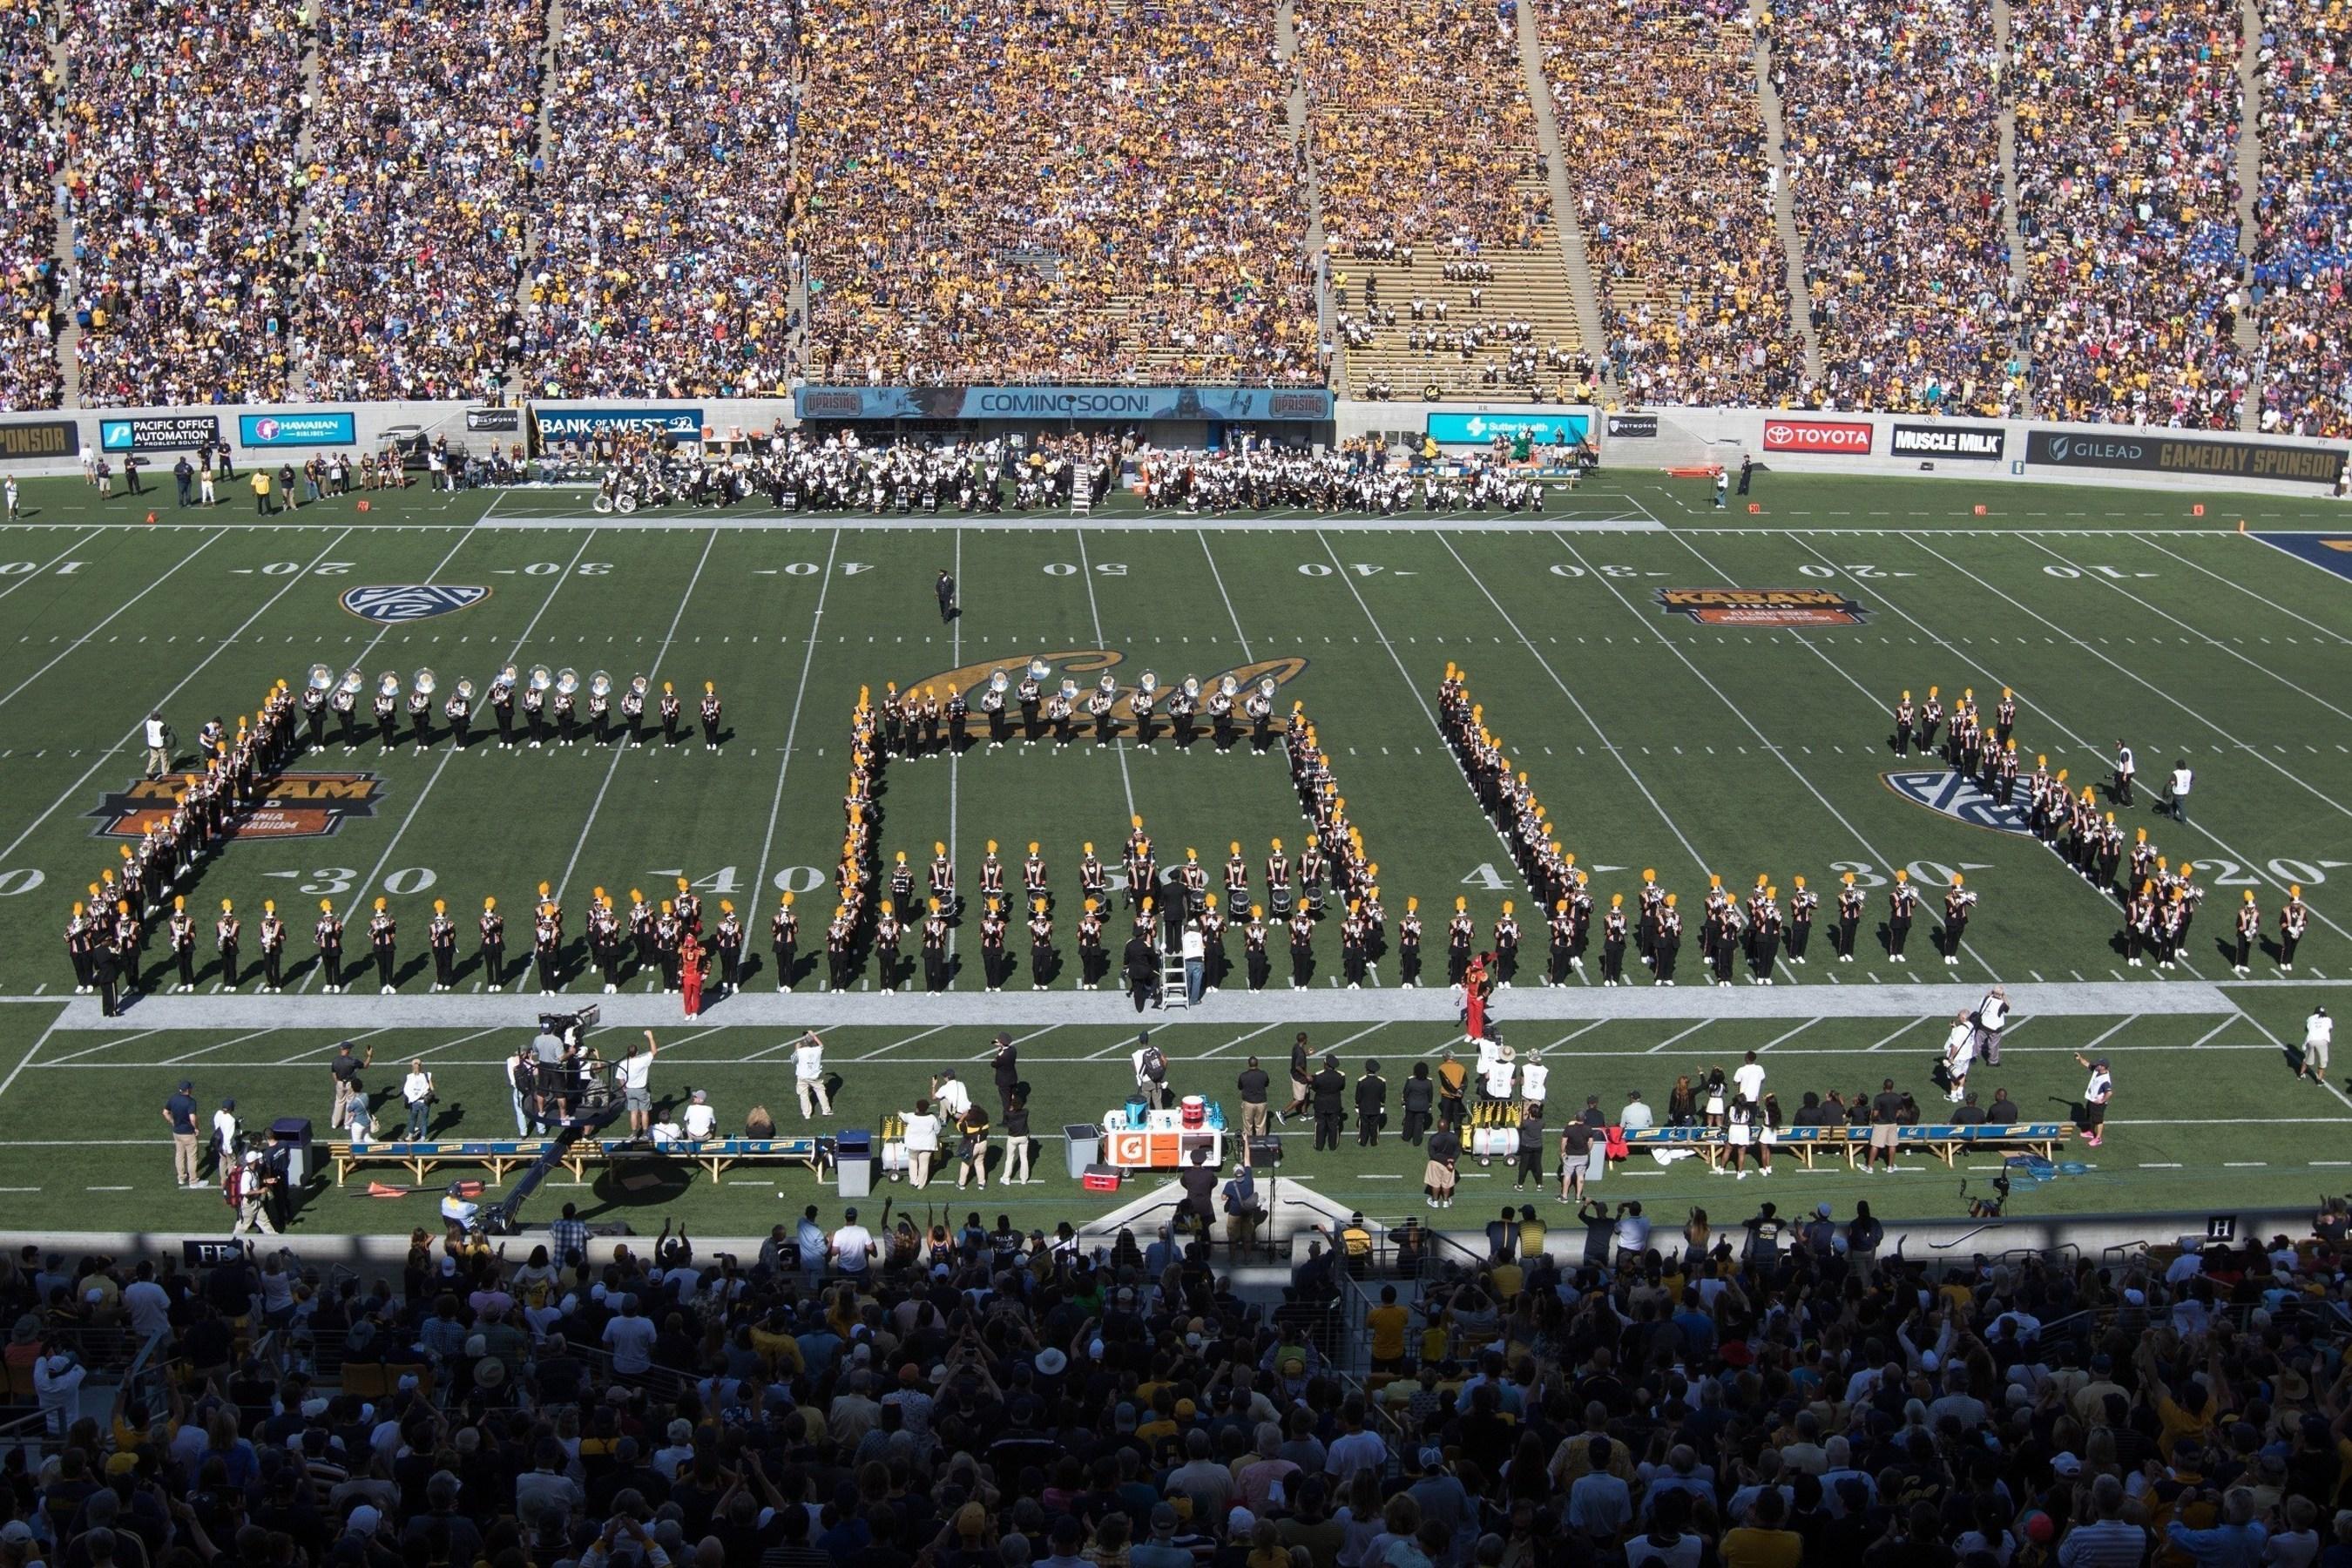 The University of California Golden Bears